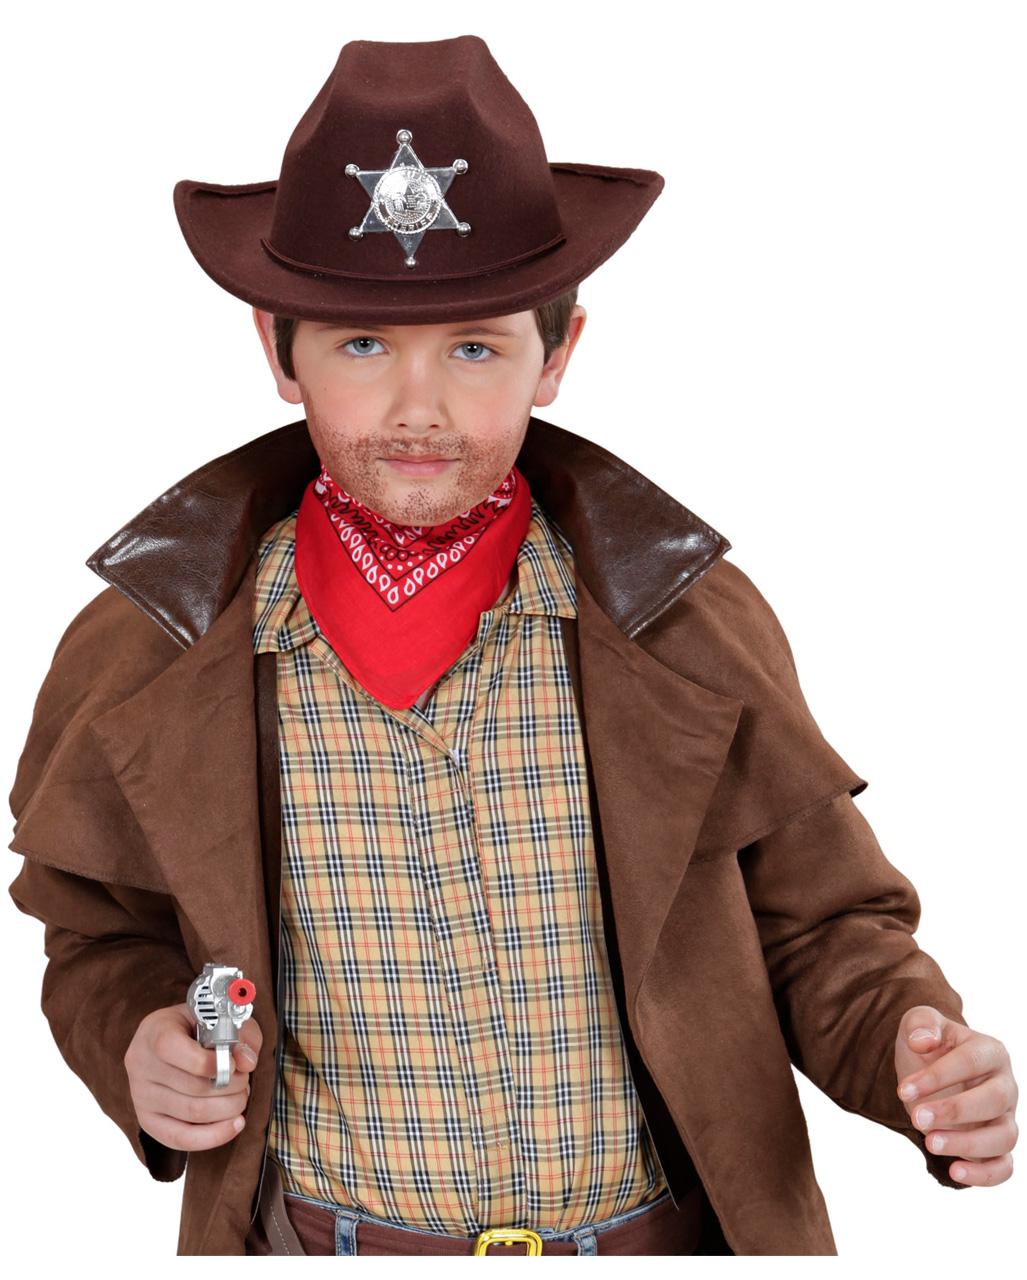 COWBOY HAT FELT CHILD SIZE